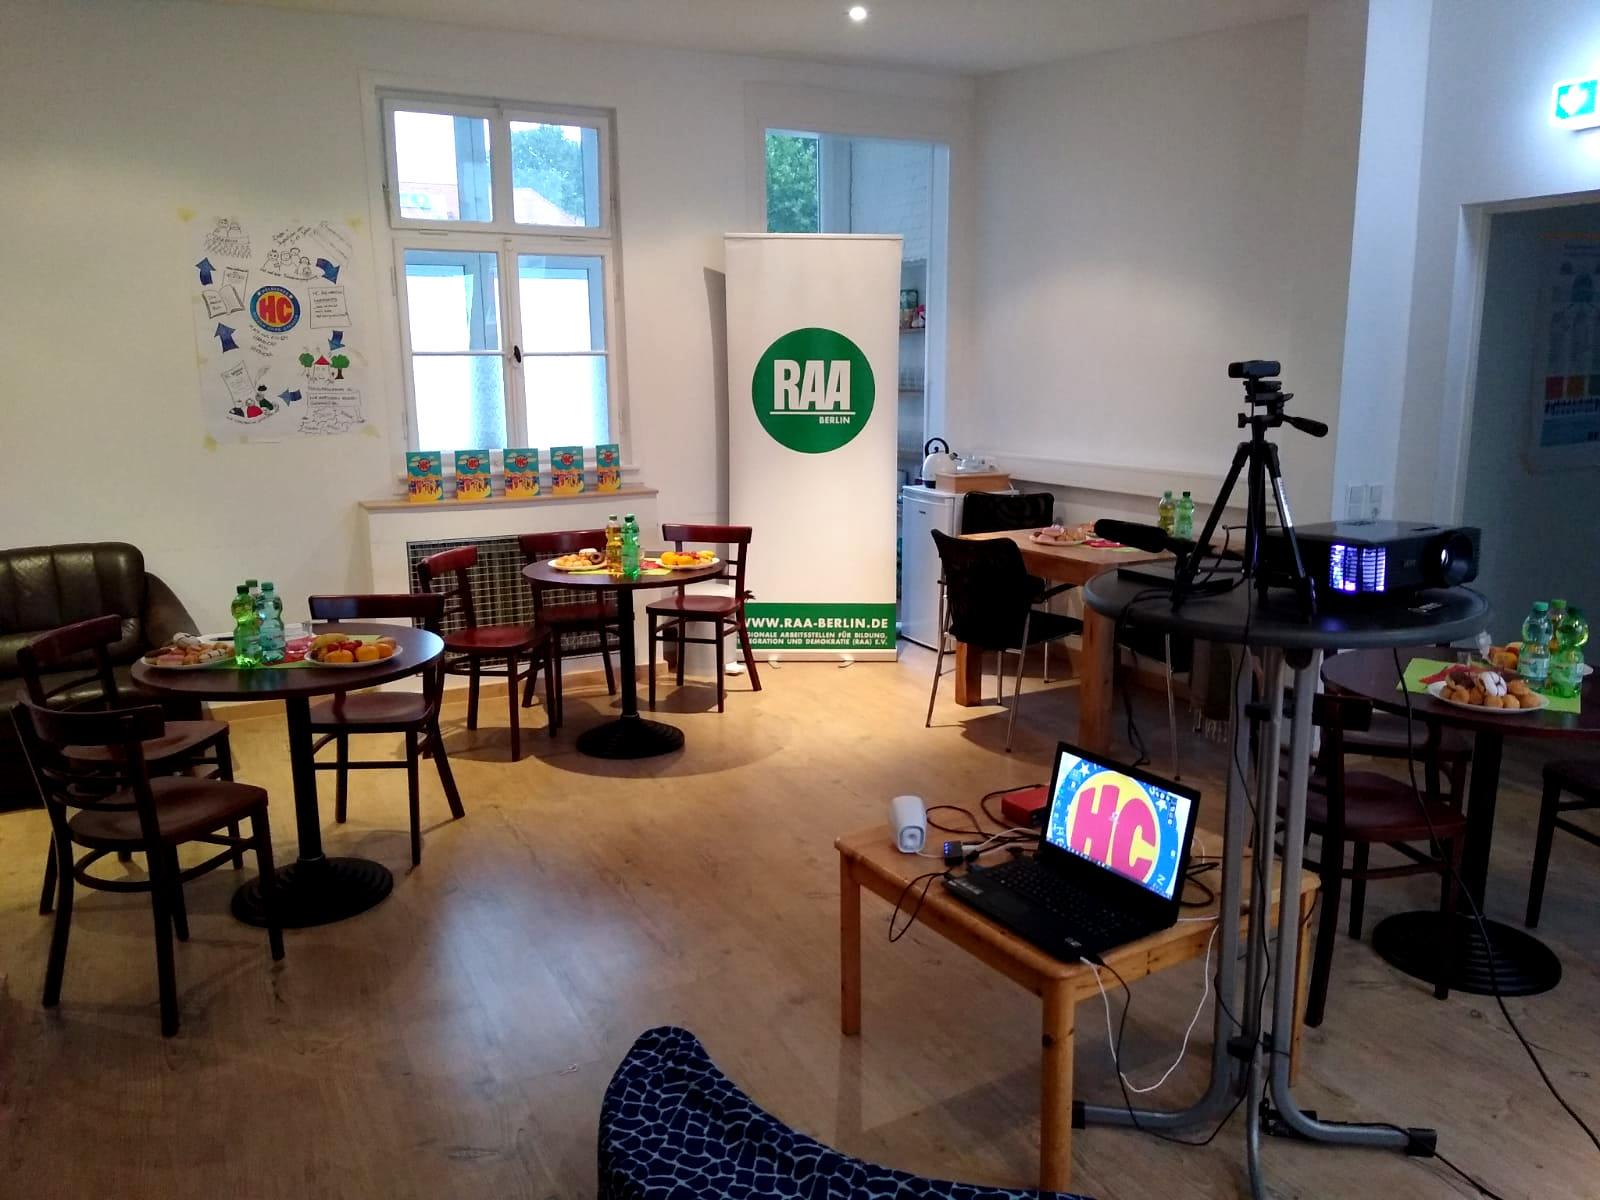 Büroraum der RAA ist festlich geschmückt. Es gibt mehrere Tische mit Snacks und Getränken, eine Kamera und einen Beamer.z ihr Heldicapsbuch und den Einheitspreis.